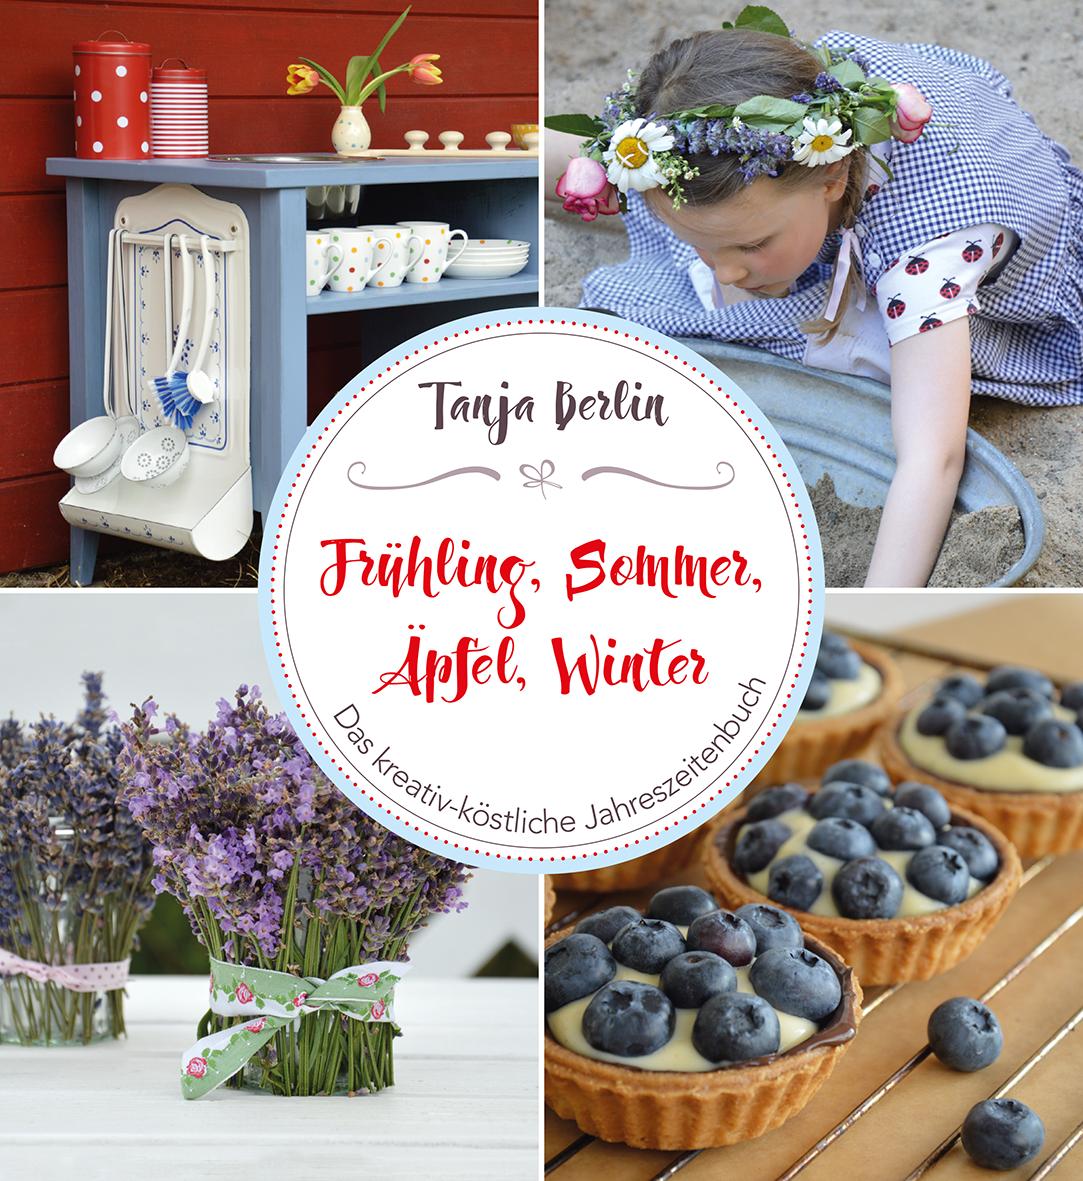 Fruhling Sommer Apfel Winter Verlag Freies Geistesleben